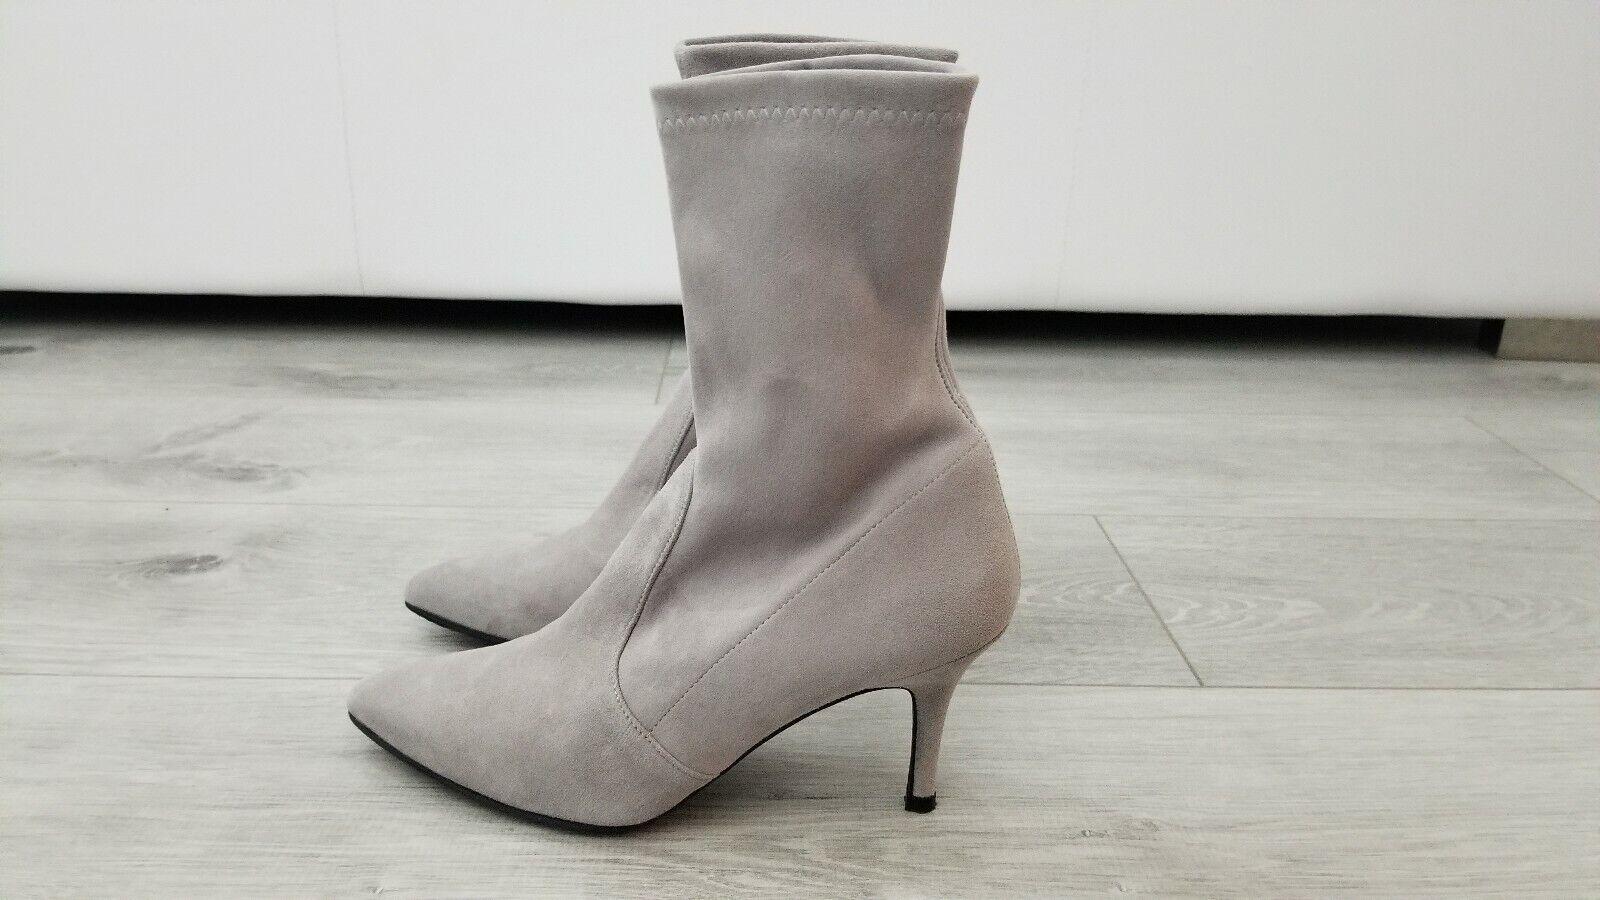 consegna lampo Stuart Weitzman grigio grigio grigio Suede Cling Ankle stivali.  Dimensione 6.5. Worn Once.  tutti i prodotti ottengono fino al 34% di sconto